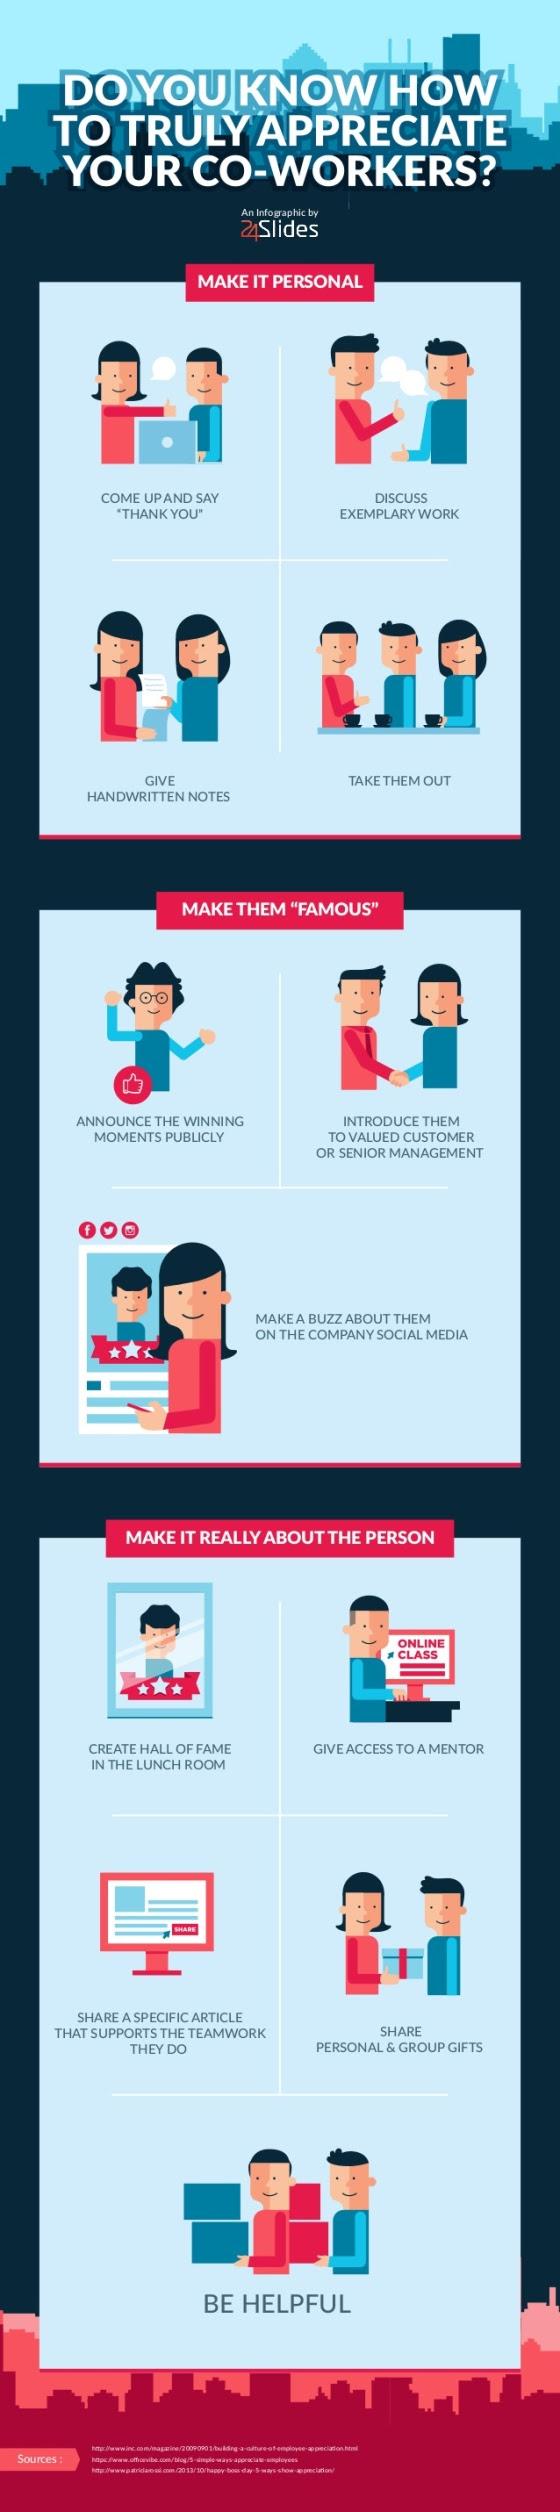 ¿Te aprecian realmente tus compañeros de trabajo?